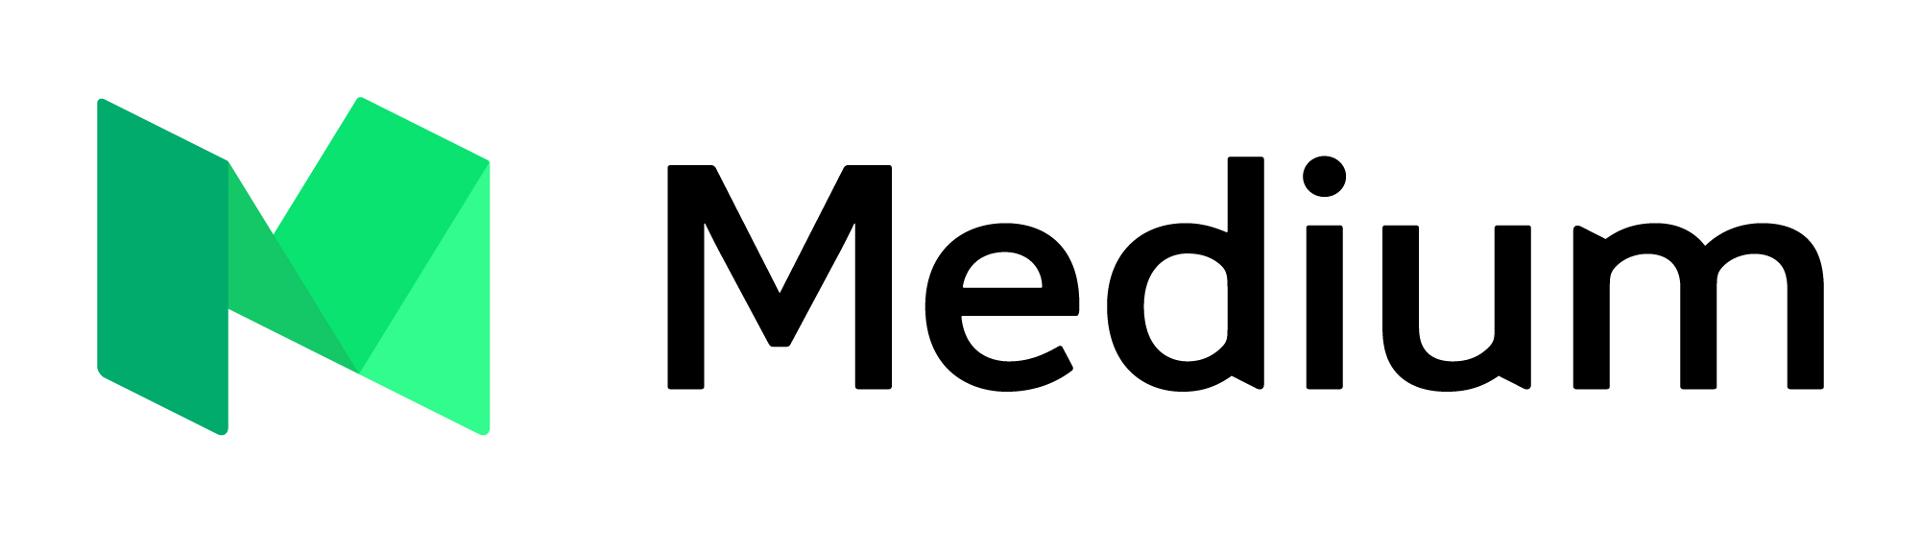 150+ Medium Claps on your Medium Article medium upvot5